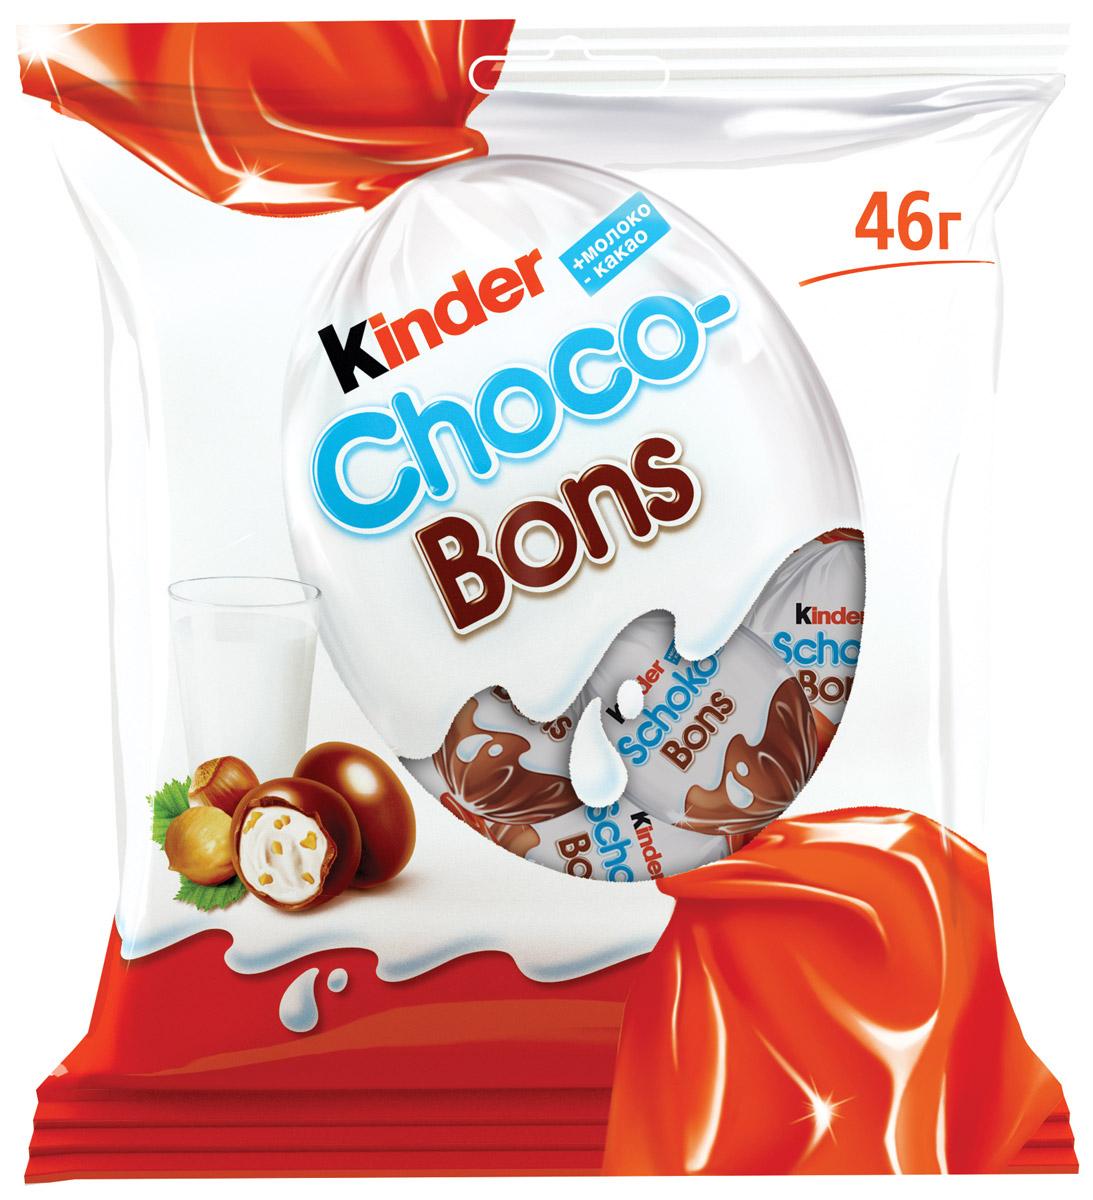 Kinder Choco Bons конфеты из молочного шоколада с молочно-ореховой начинкой, 46 г77121209/77111794/77111238Нежная молочная начинка, кусочки лесных орехов и неповторимый вкус шоколада. Kinder Choco-Bons производится на одной из фабрик компании Ферреро в Бельгии, славящейся своими шоколадными традициями. Удобные пакетики разных размеров (46 г и 125 г) подойдут и для скромной, и для большой компании! Конфетки в индивидуальной упаковке удобно брать с собой. Дома, в школе, на прогулке – наслаждайтесь сами, радуйте друзей и близких каждый день!